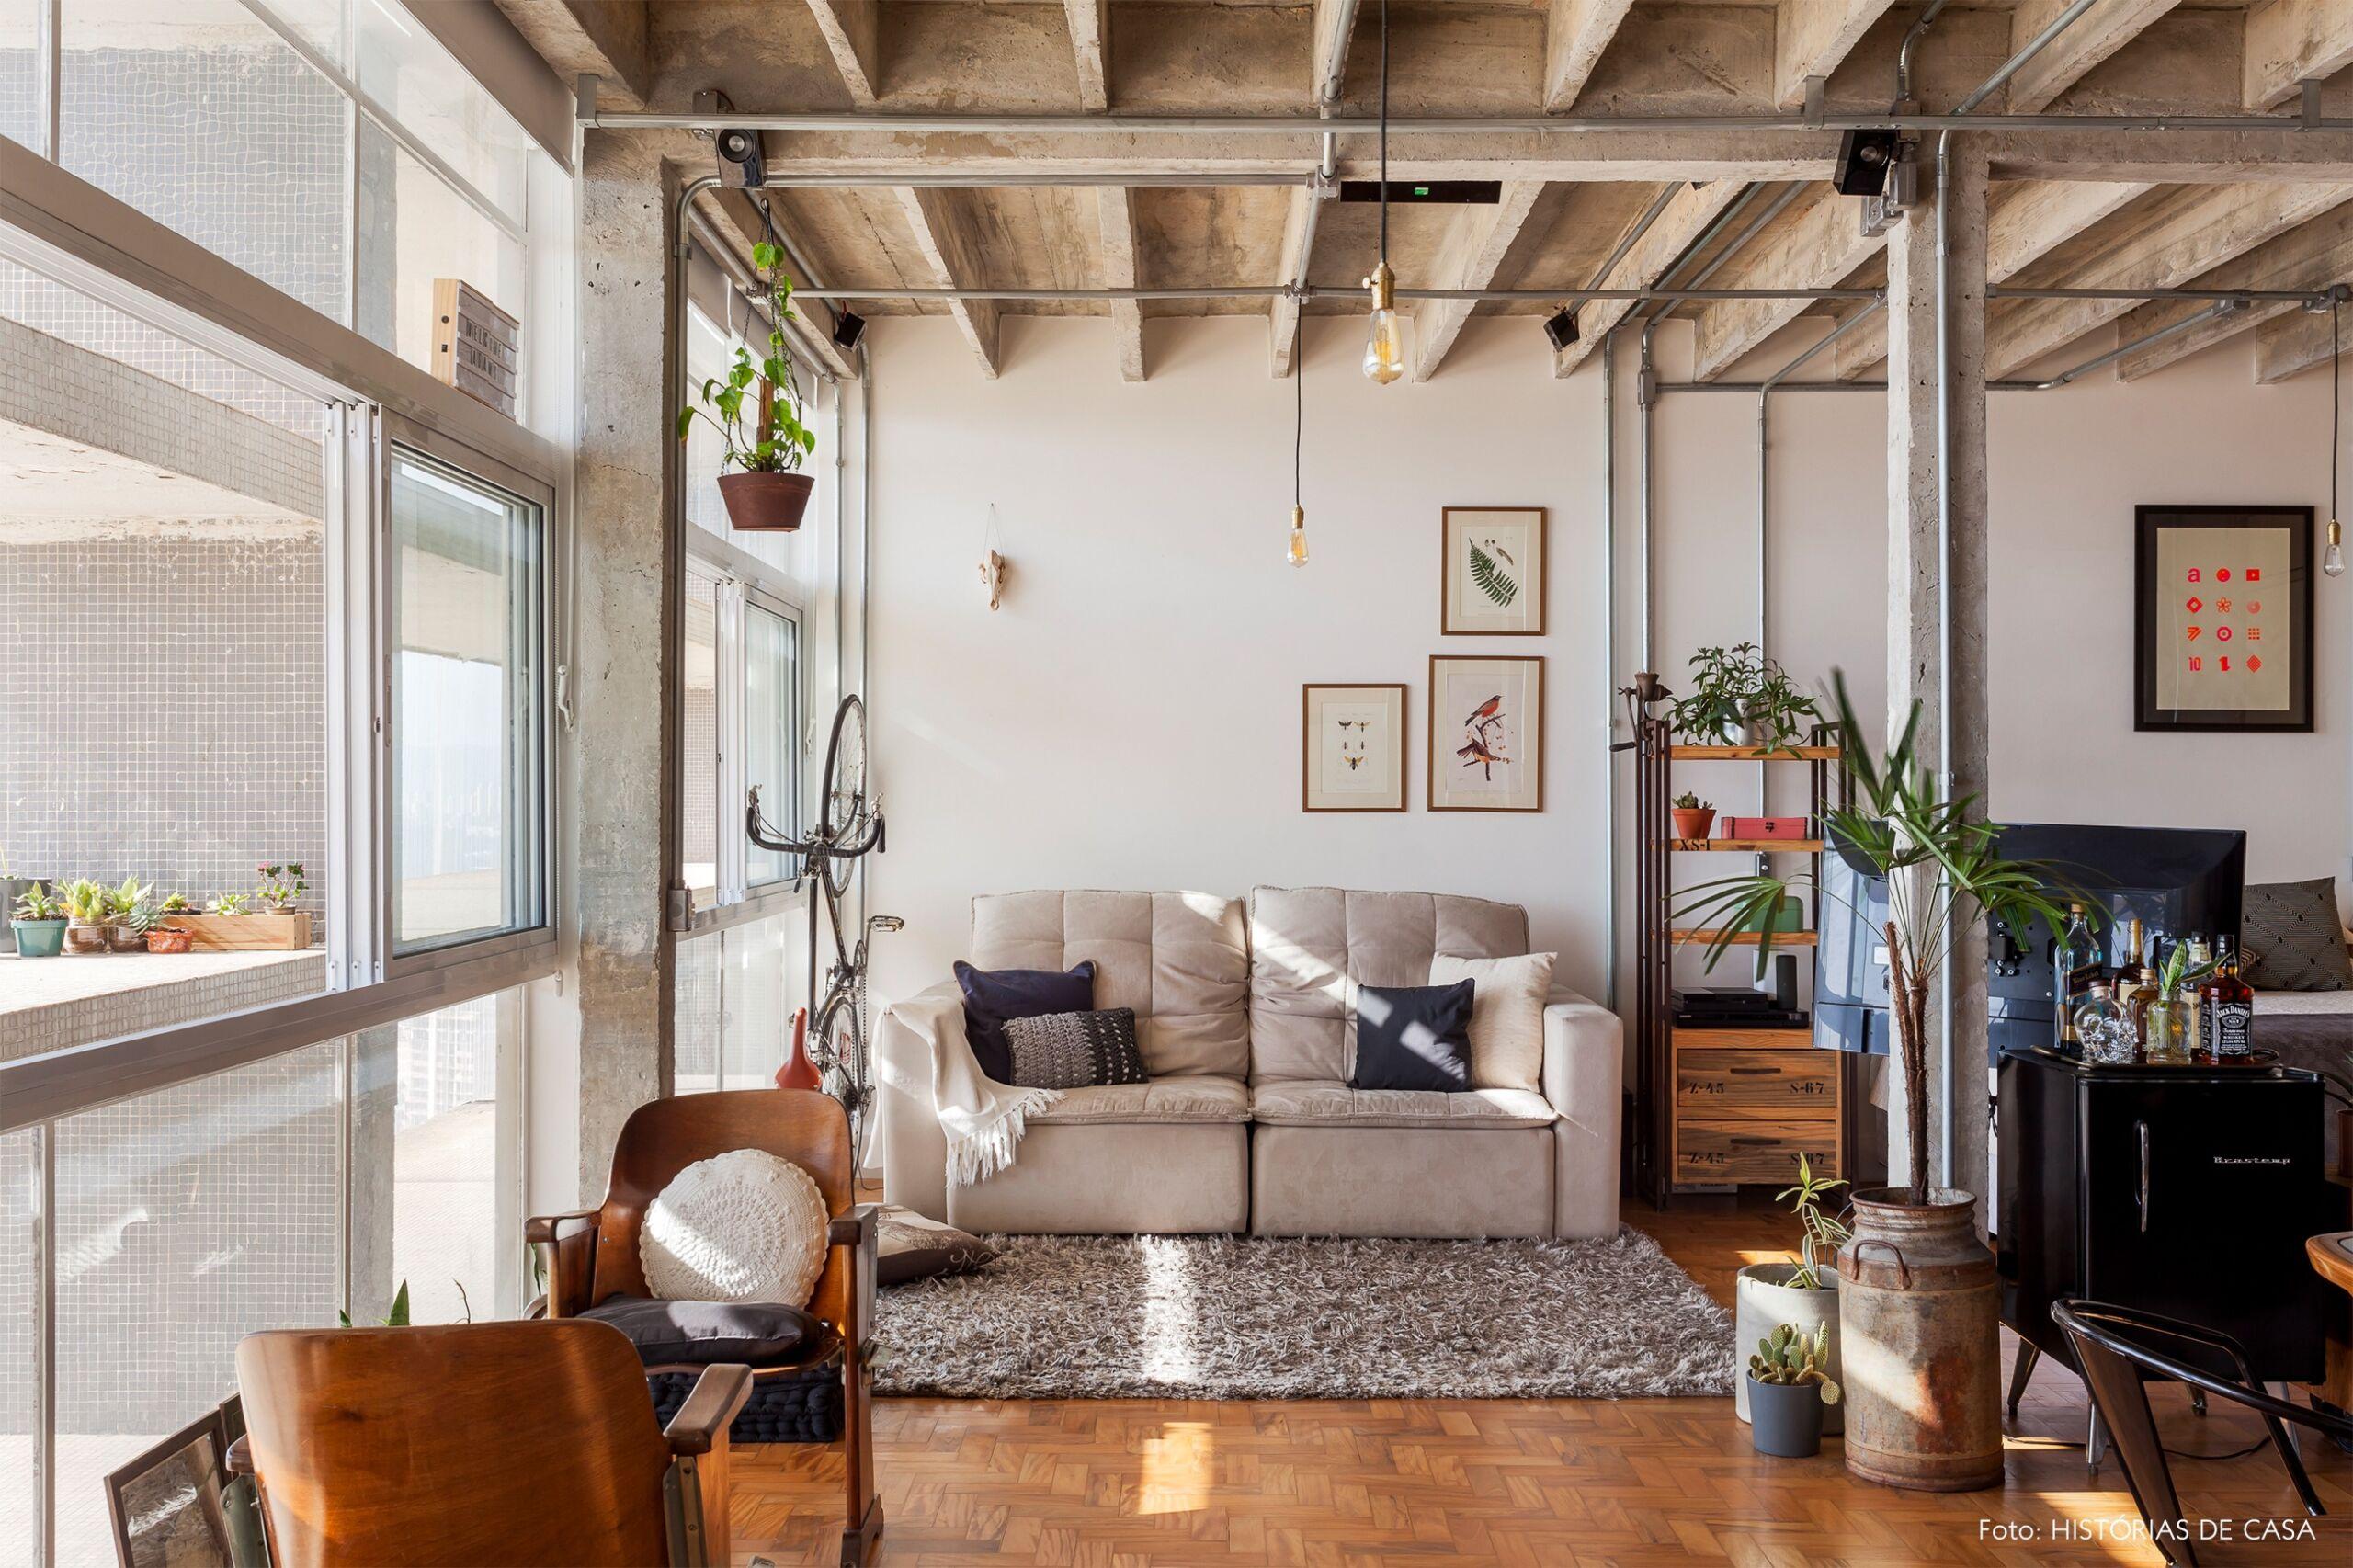 COPAN decoração ape integrado sofa branco colunas concreto